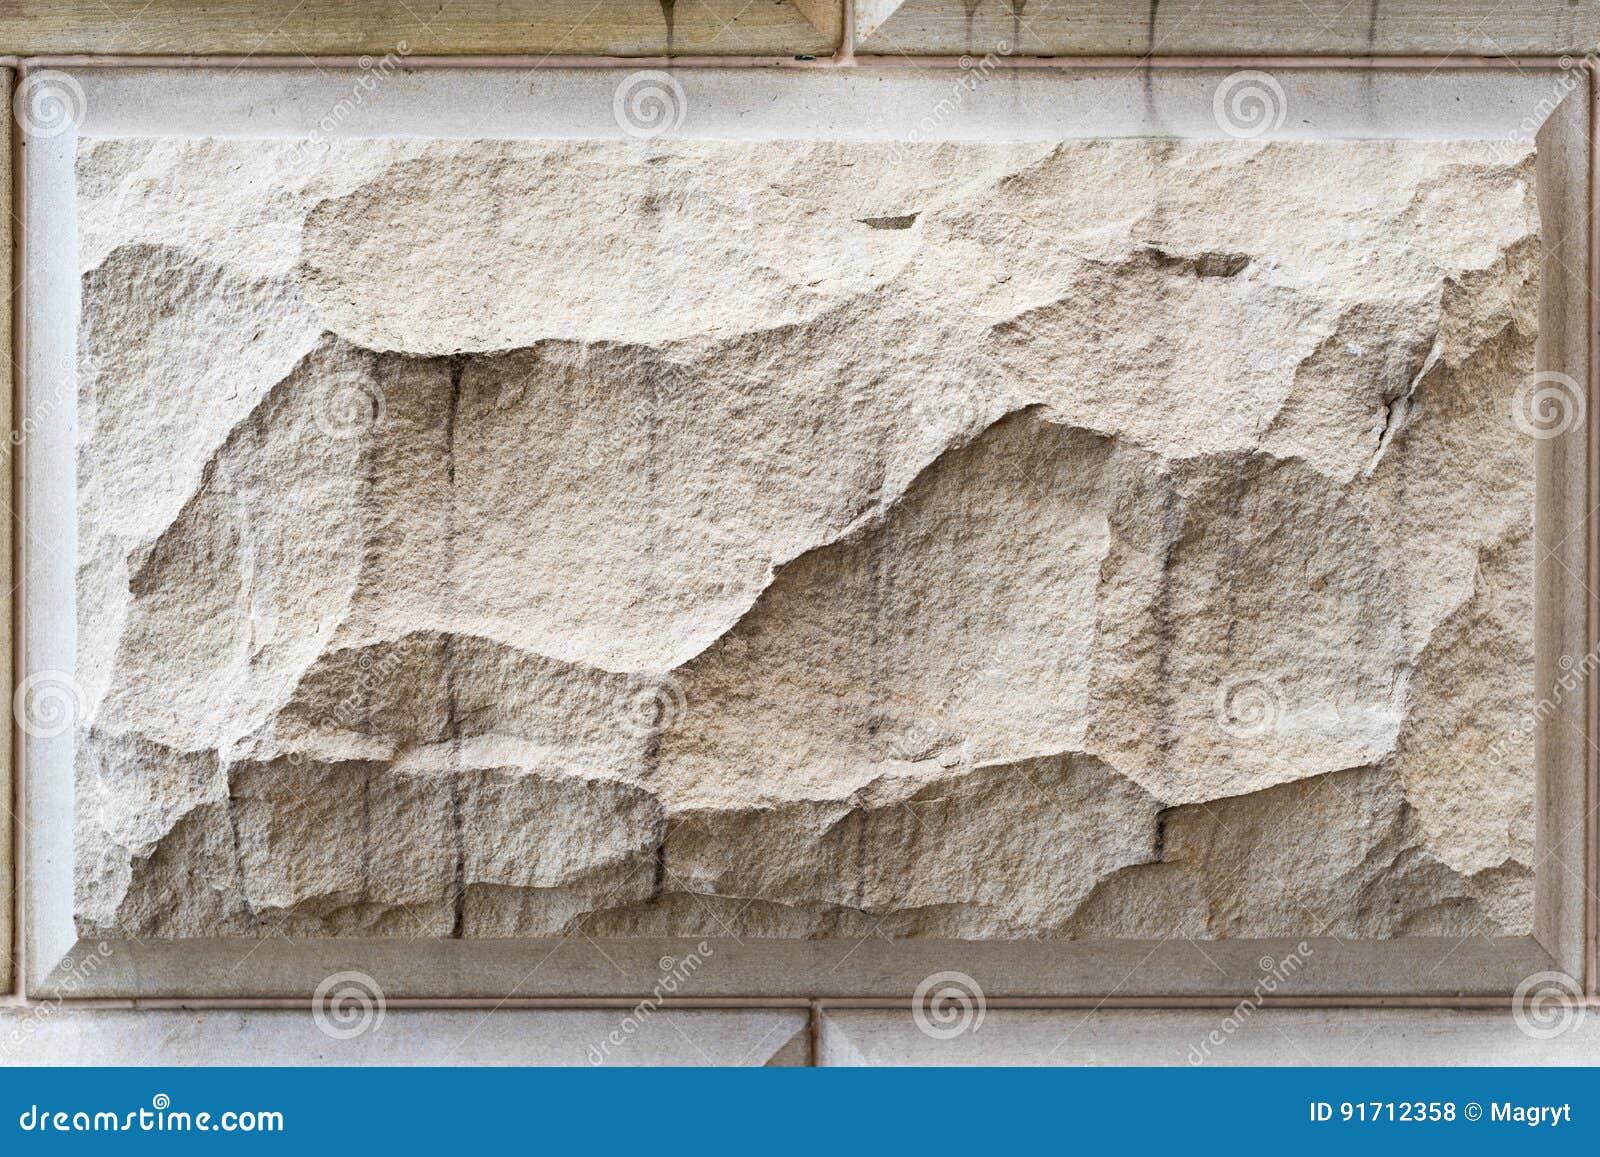 fondo de piedra textura del modelo de la pared de la arena fachada de piedra